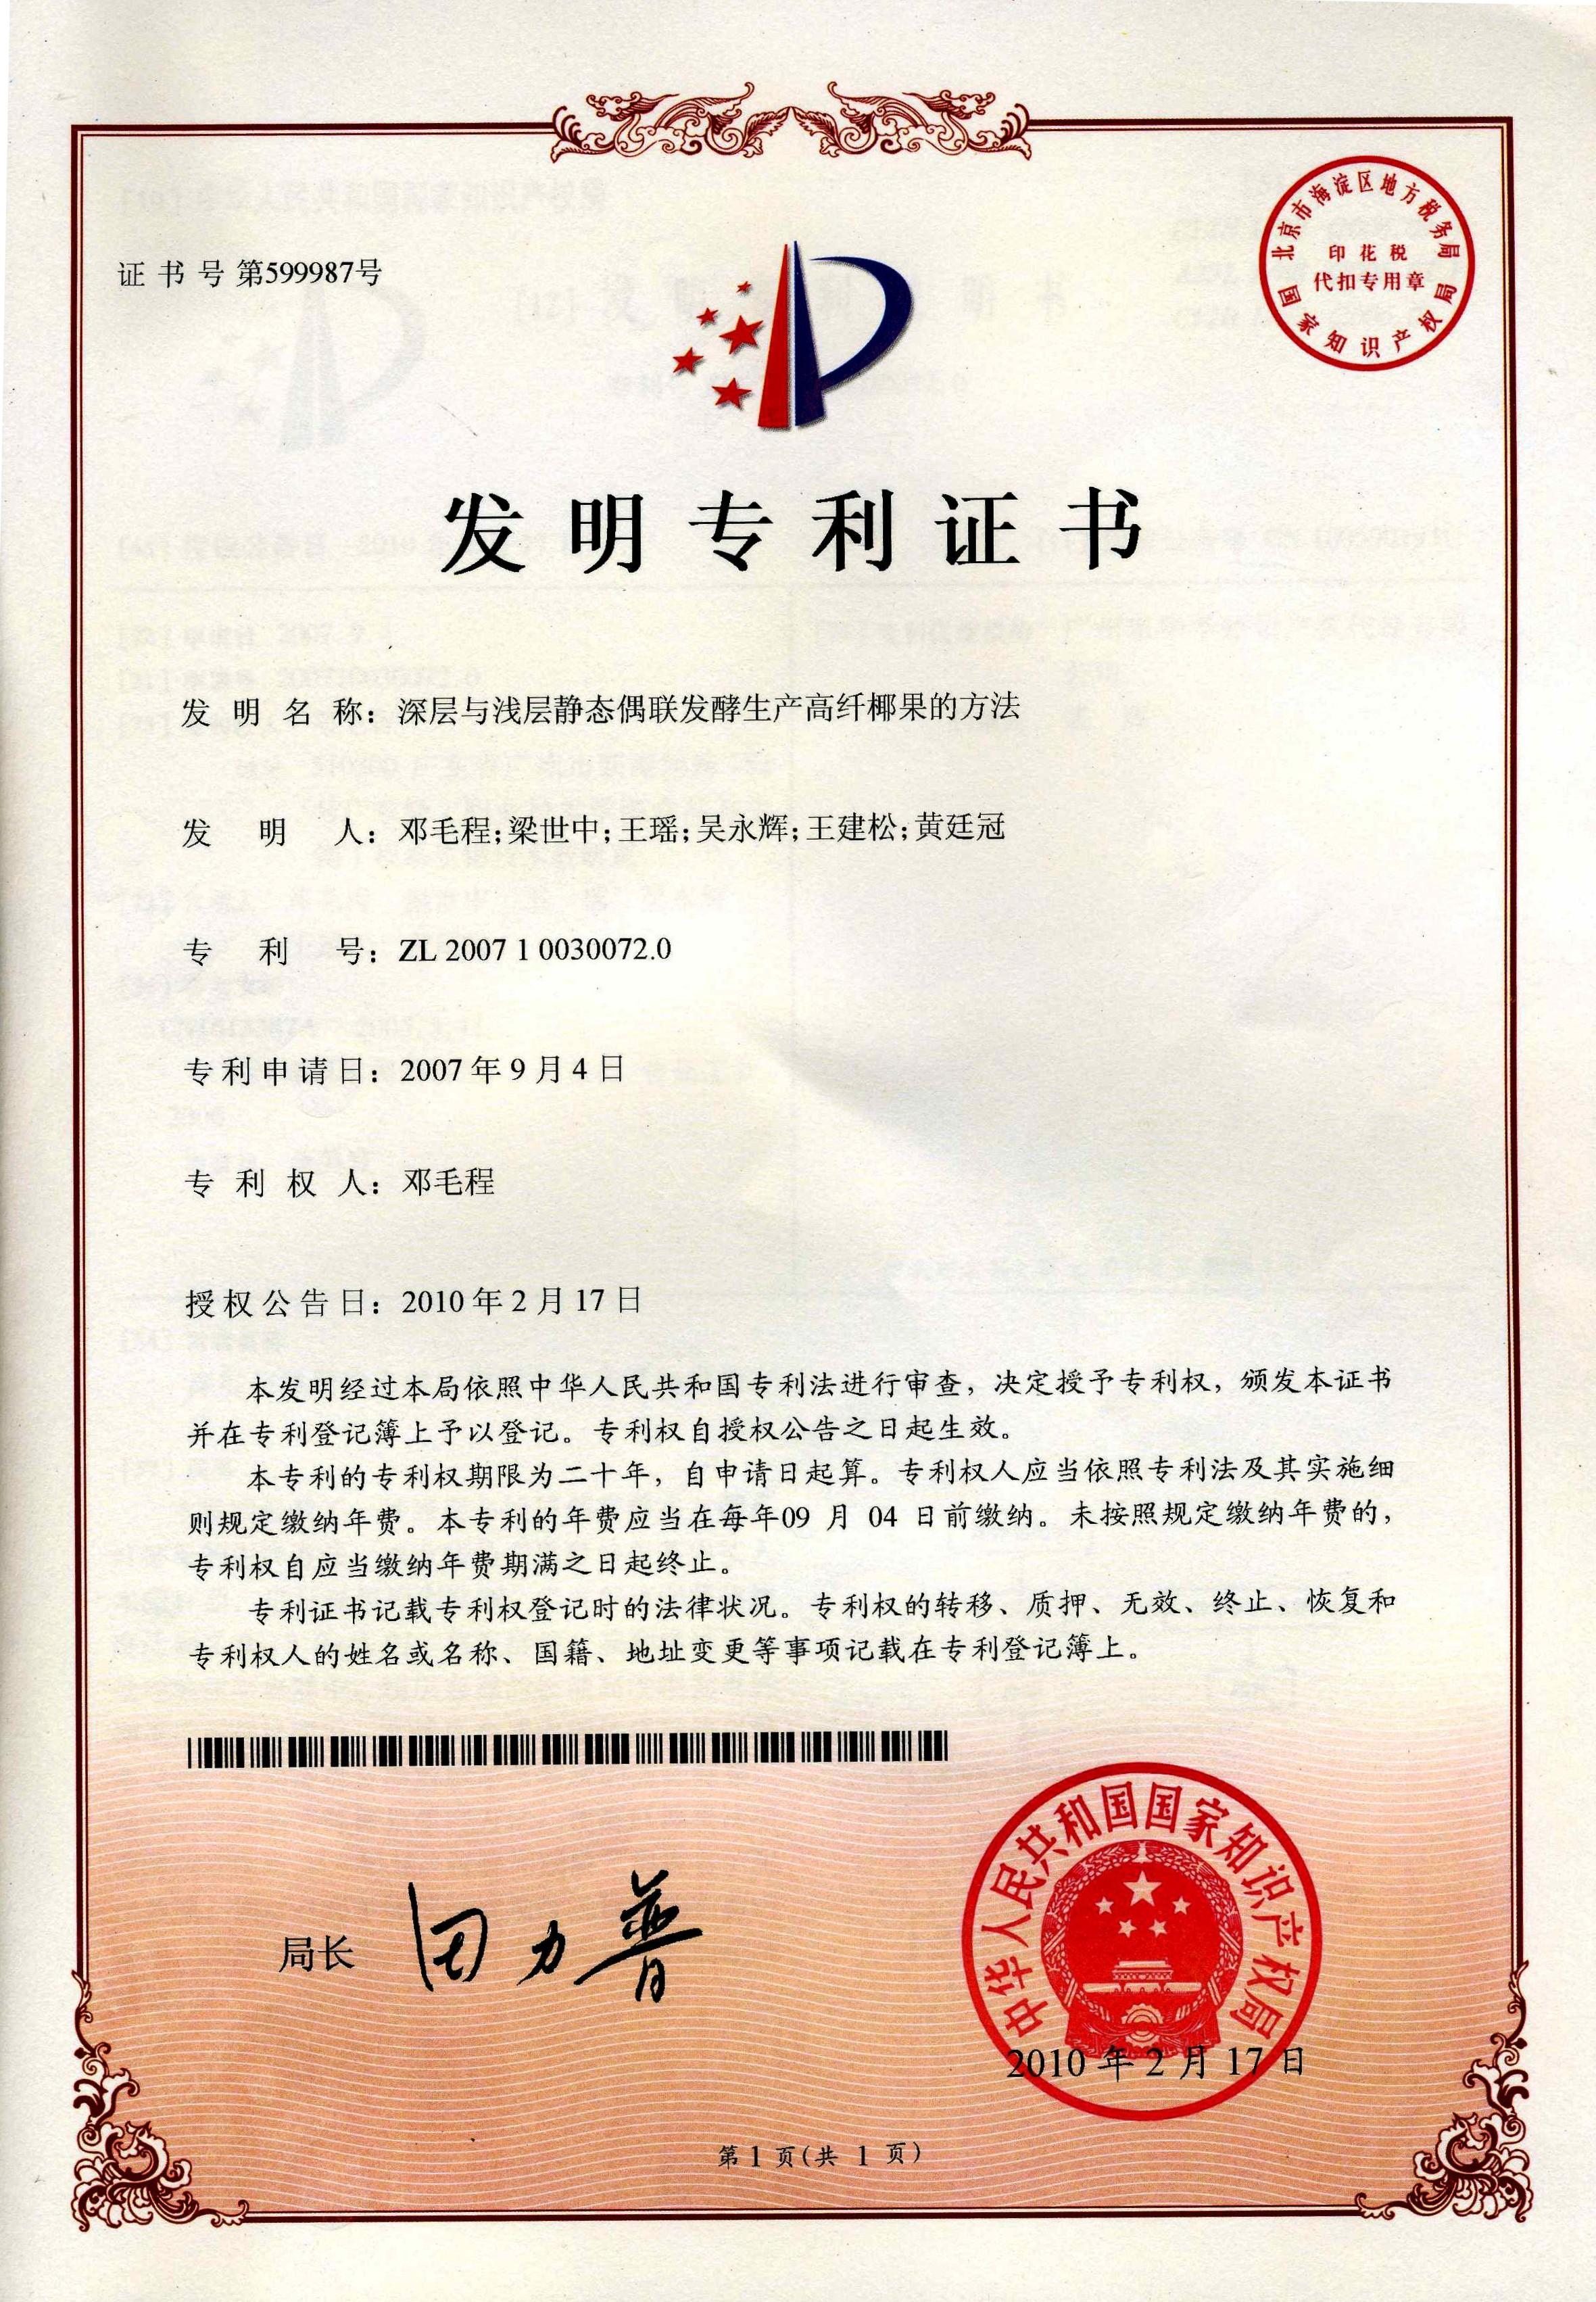 专利证书 (深层与浅层静态偶联发酵生产高纤维椰果的方法)